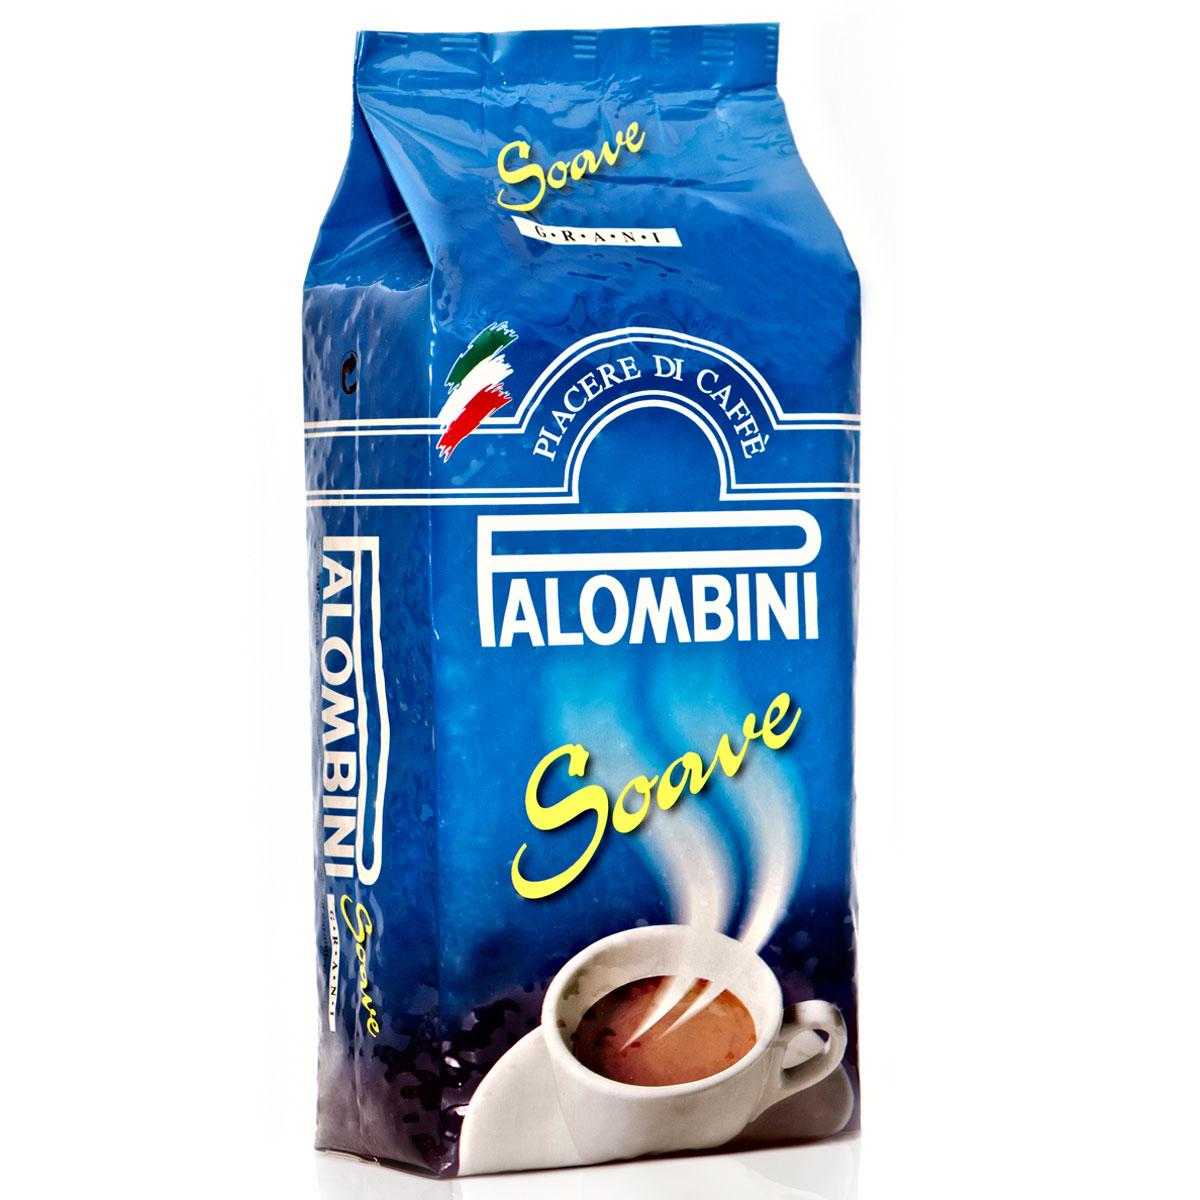 Palombini Soave кофе в зернах, 1 кг цены онлайн